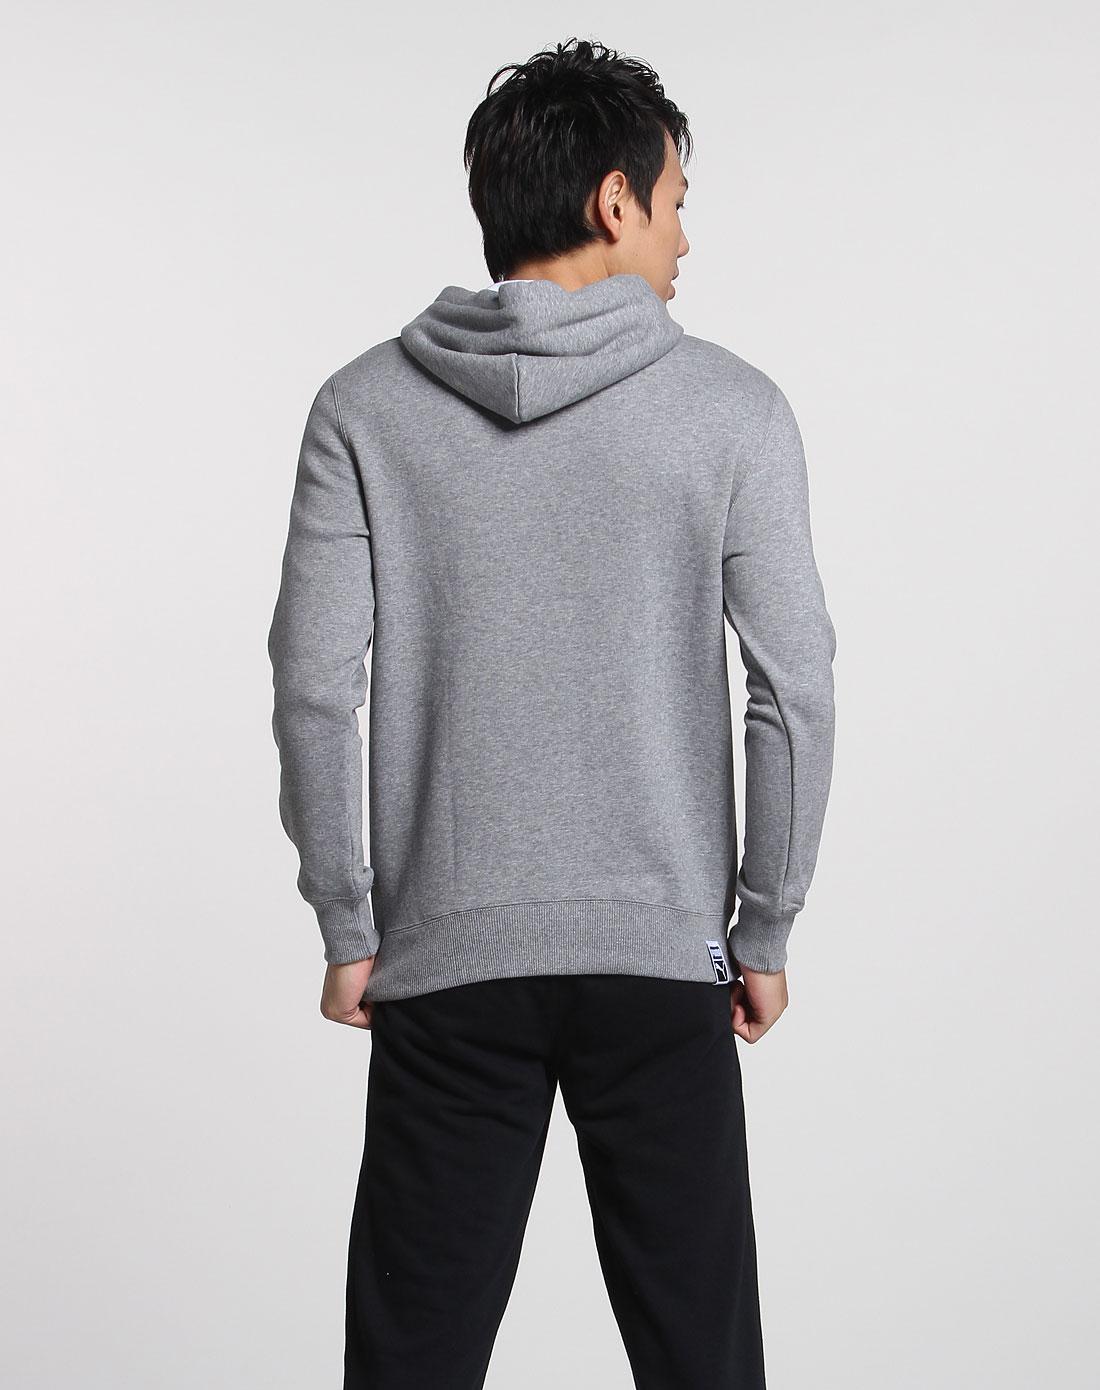 彪马puma男装专场-男款麻灰色连帽针织长袖卫衣